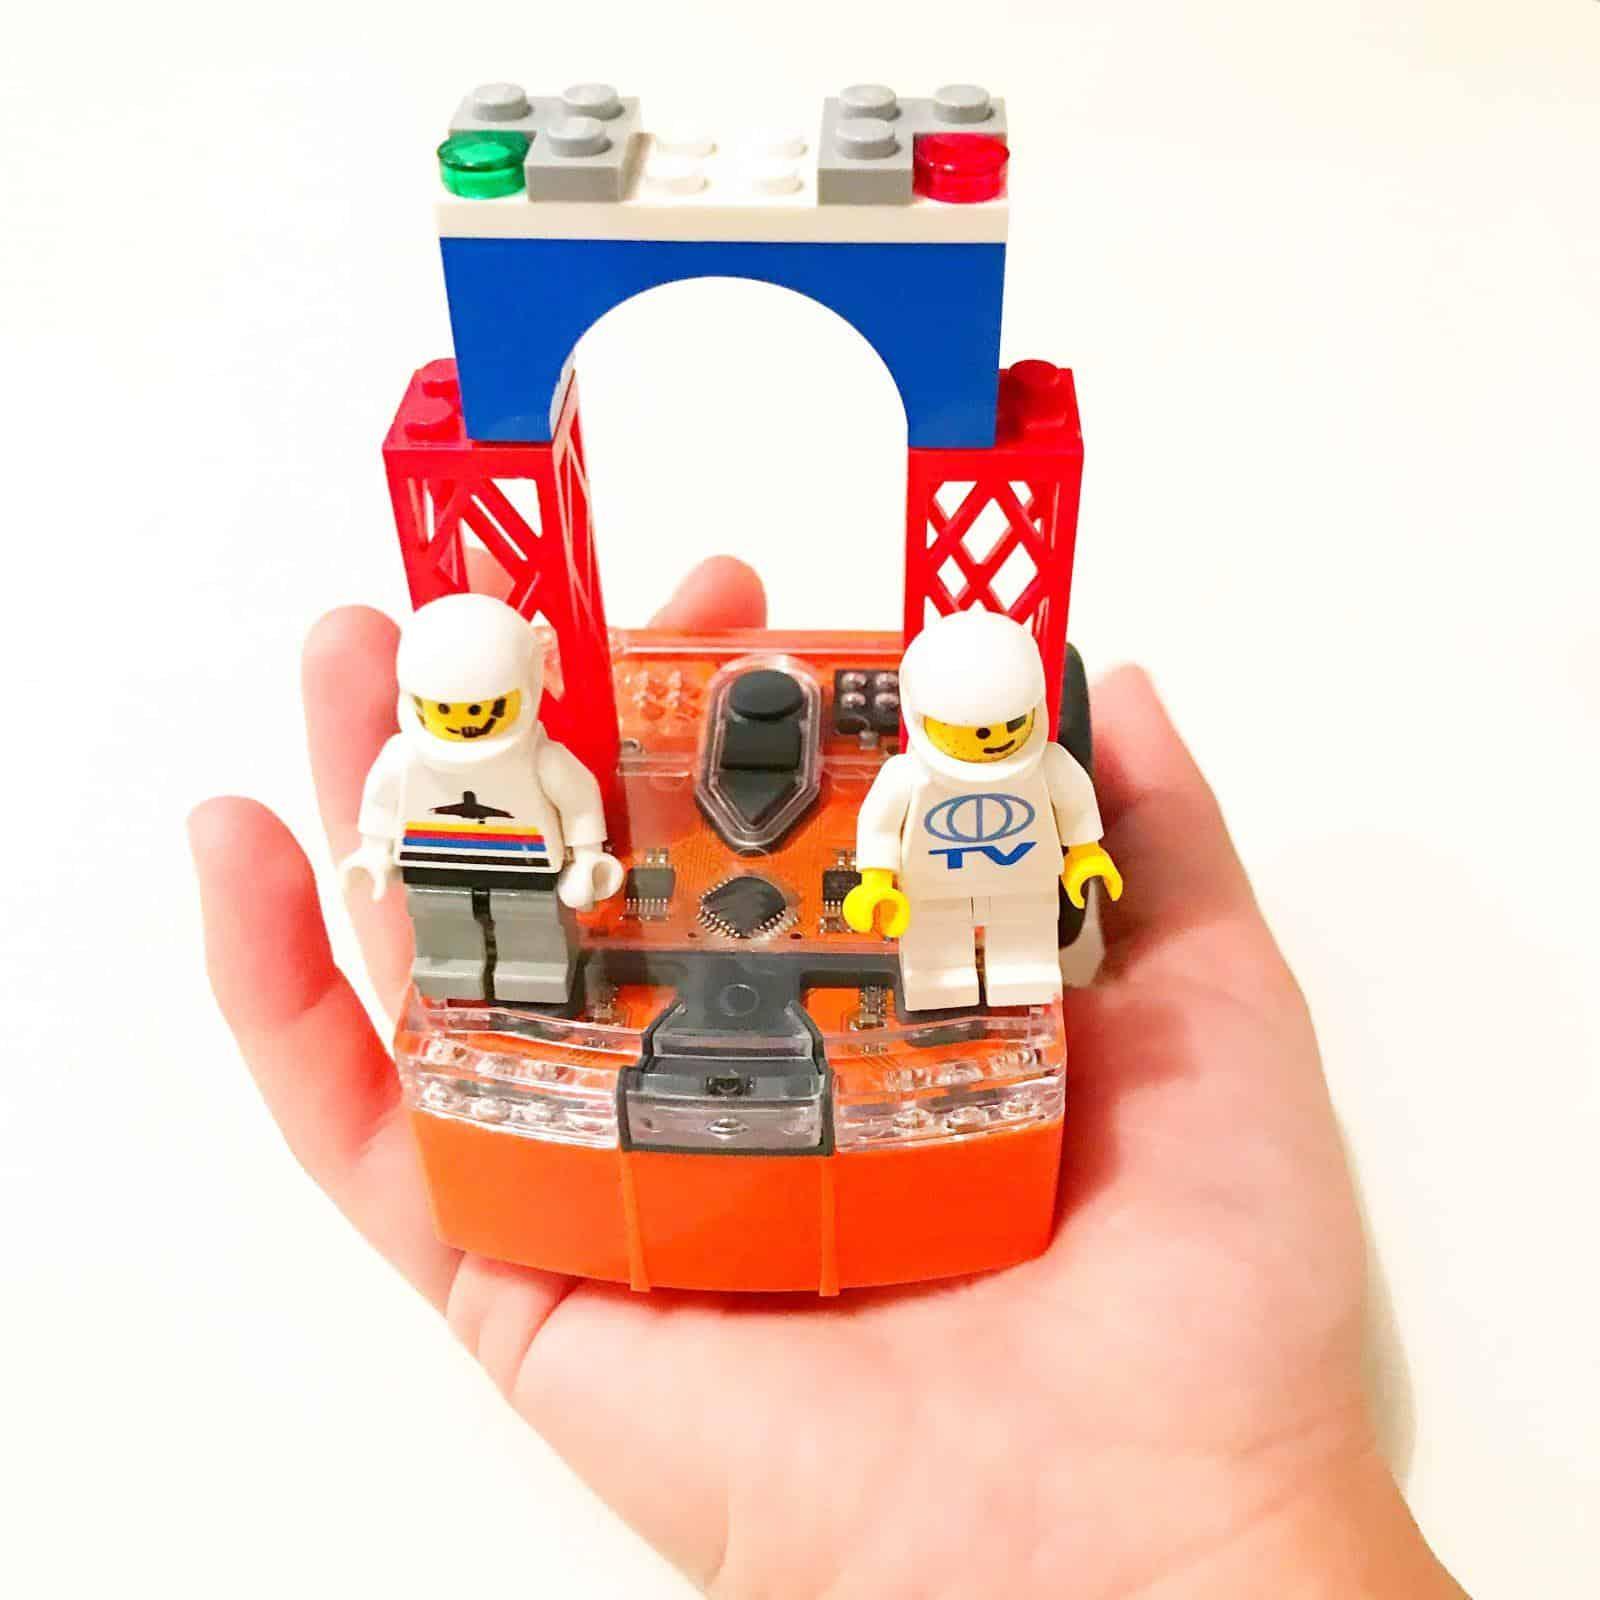 Edison Robot 2.0 - STEM Customizable & Programmable Robot for Kids